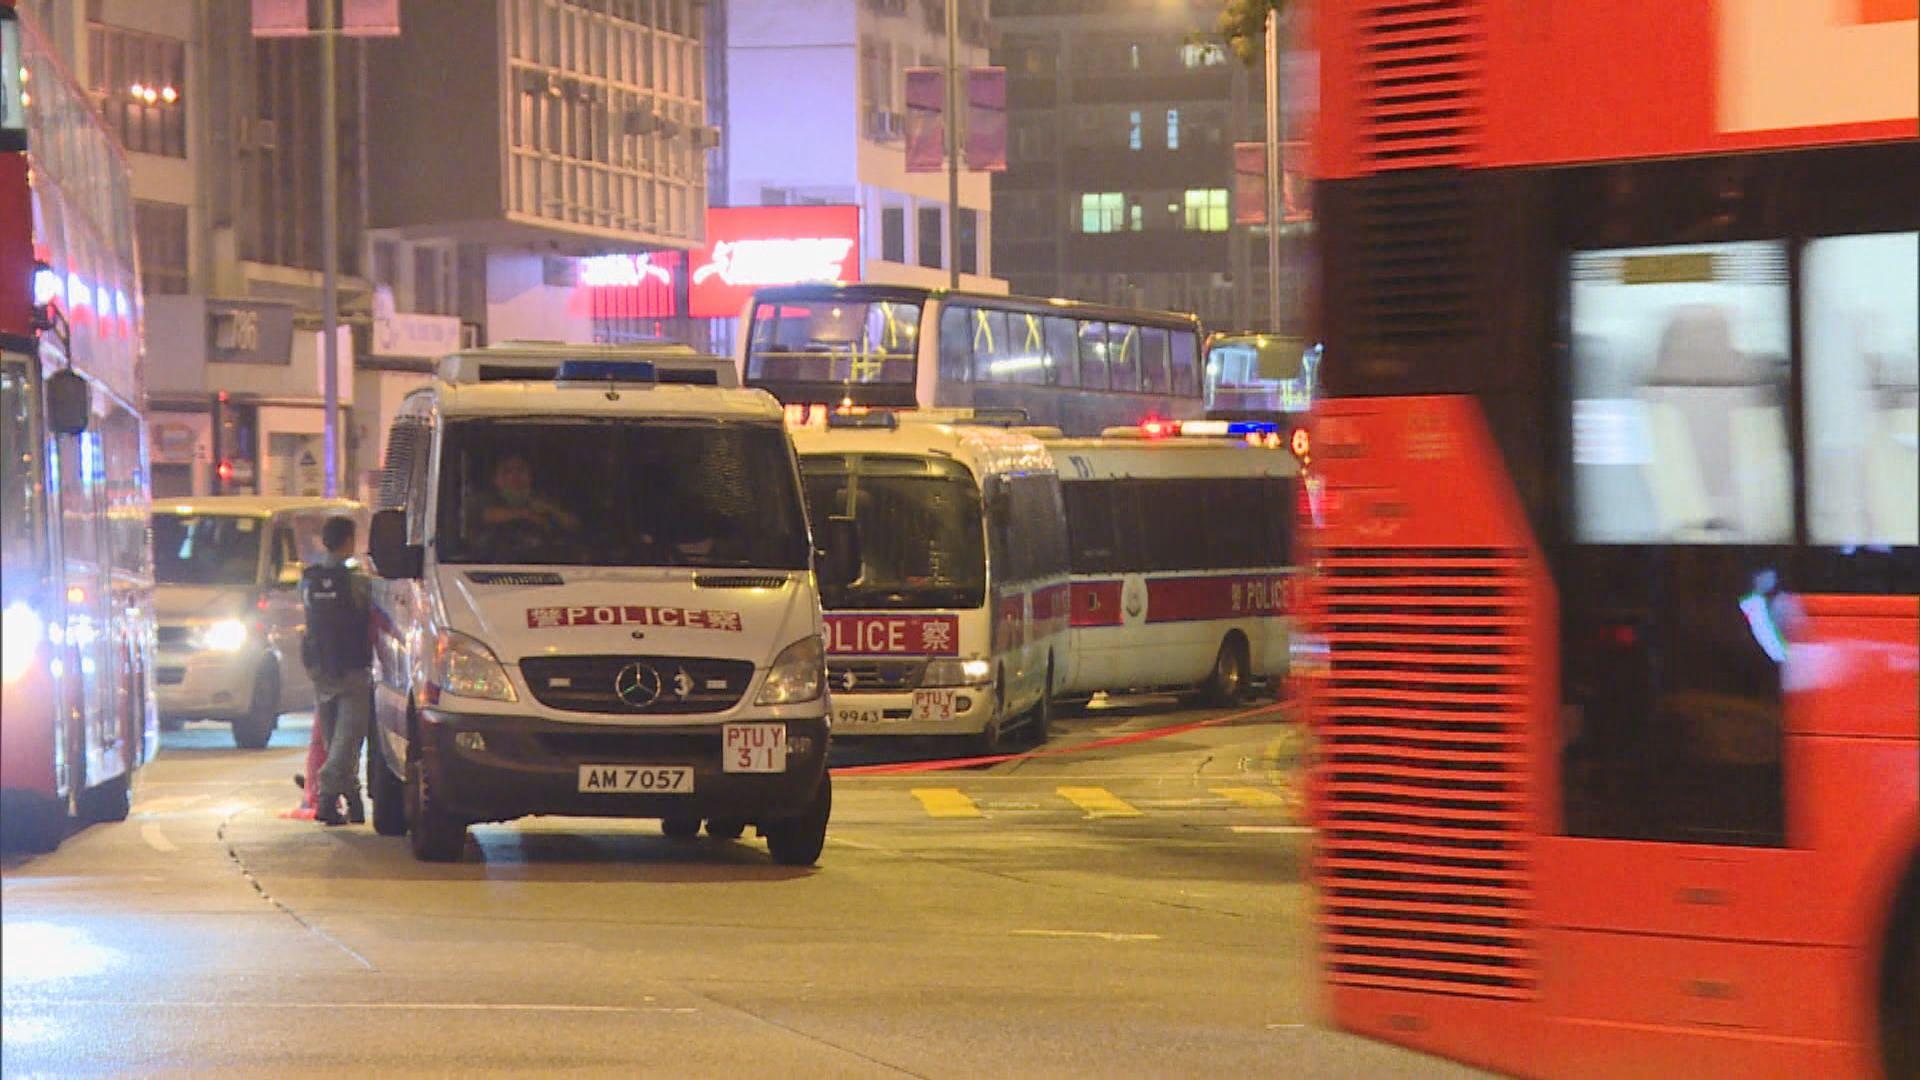 旺角警車遭投擲汽油彈 尾隨便衣當場拘捕一名青年